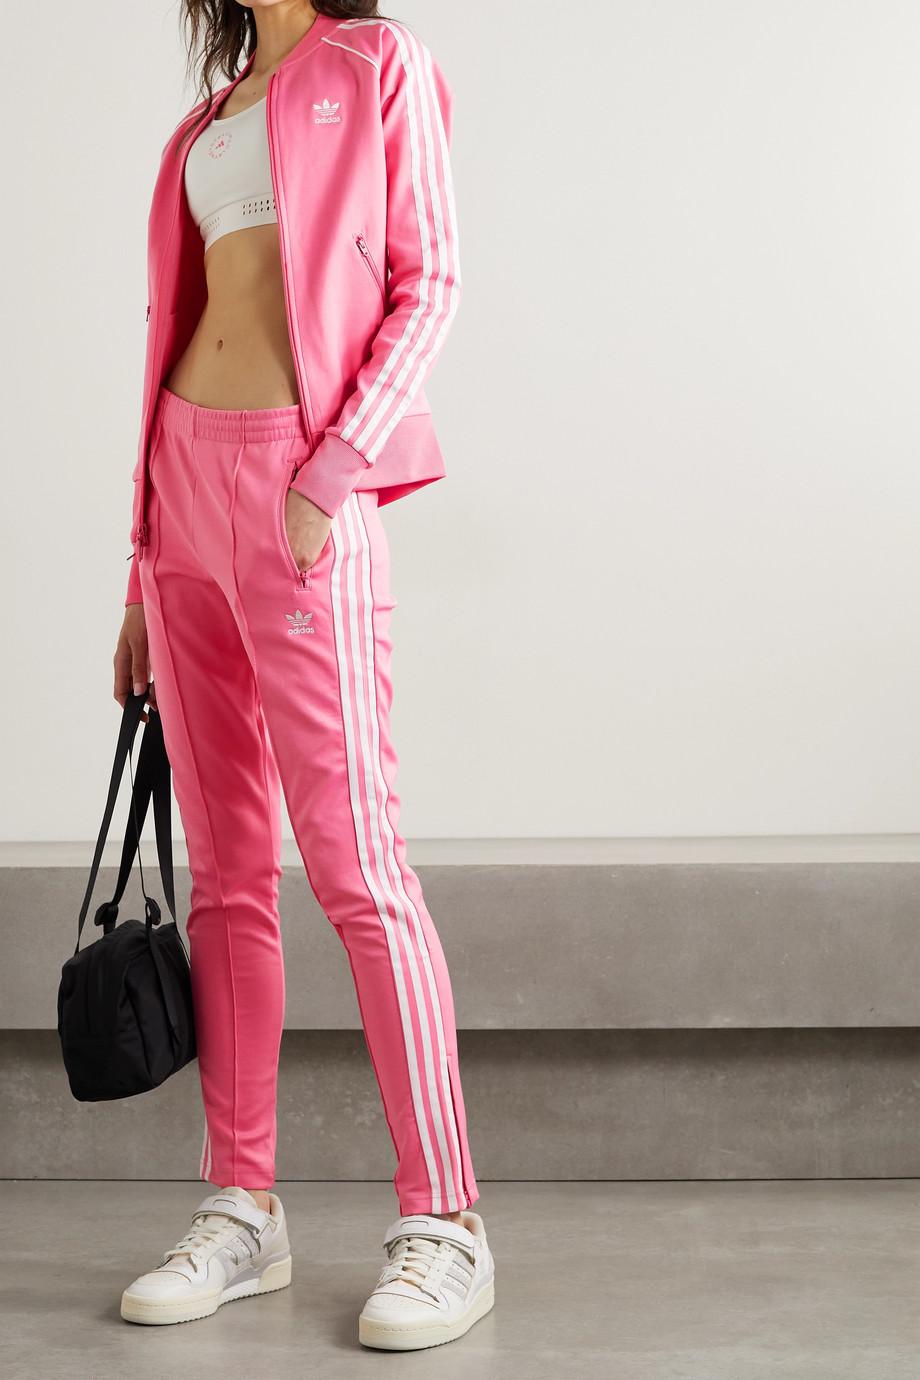 adidas Originals Adicolor Superstar Trainingsjacke aus glänzendem Jersey aus einer Baumwollmischung mit Streifen